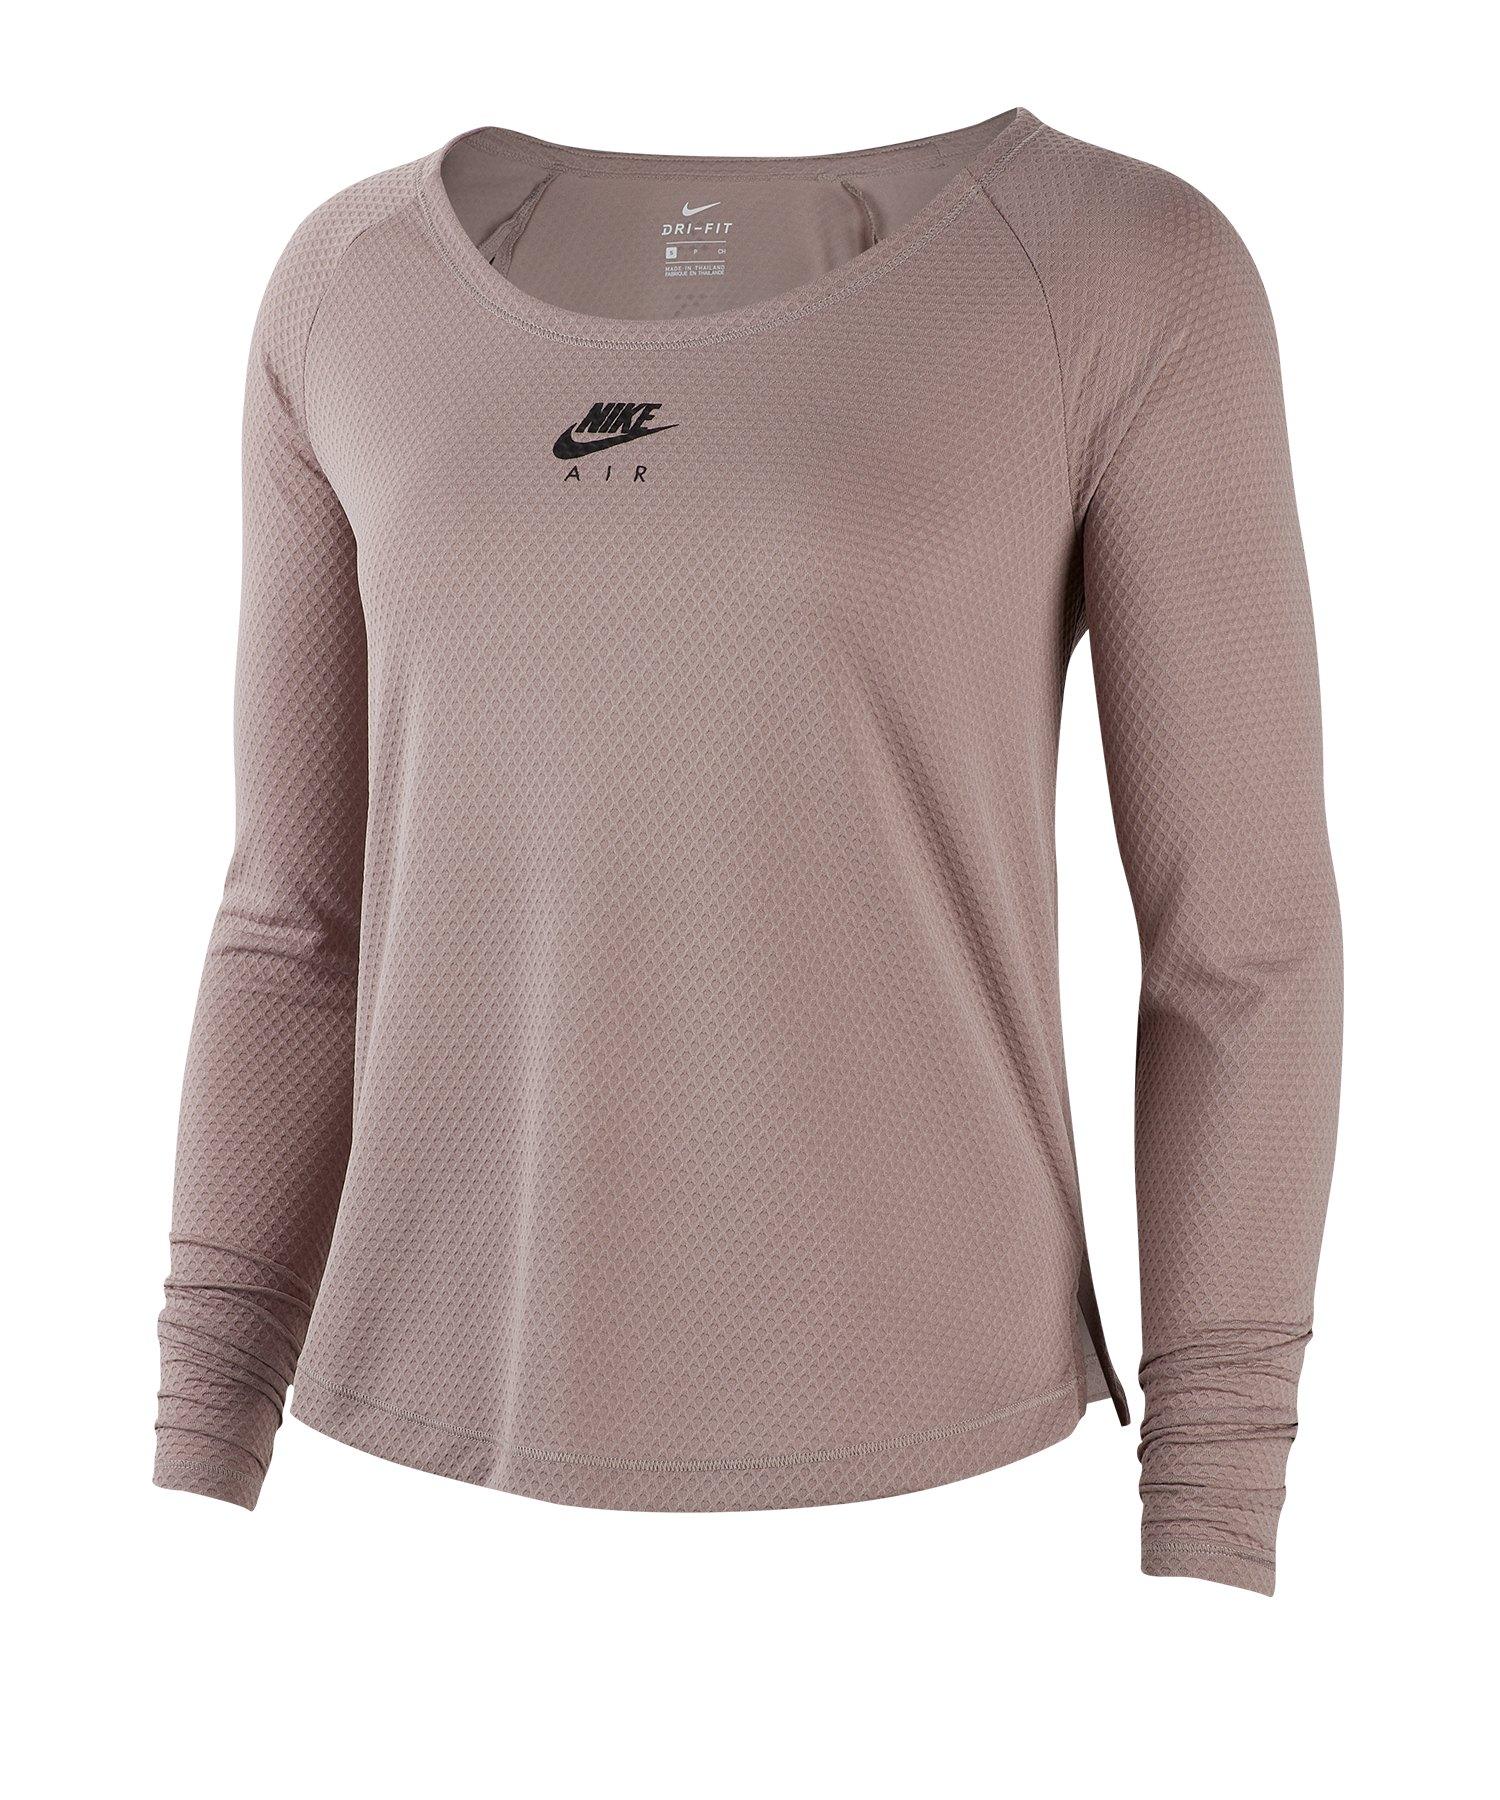 Nike Running Shirt langarm Damen Braun F218 - braun